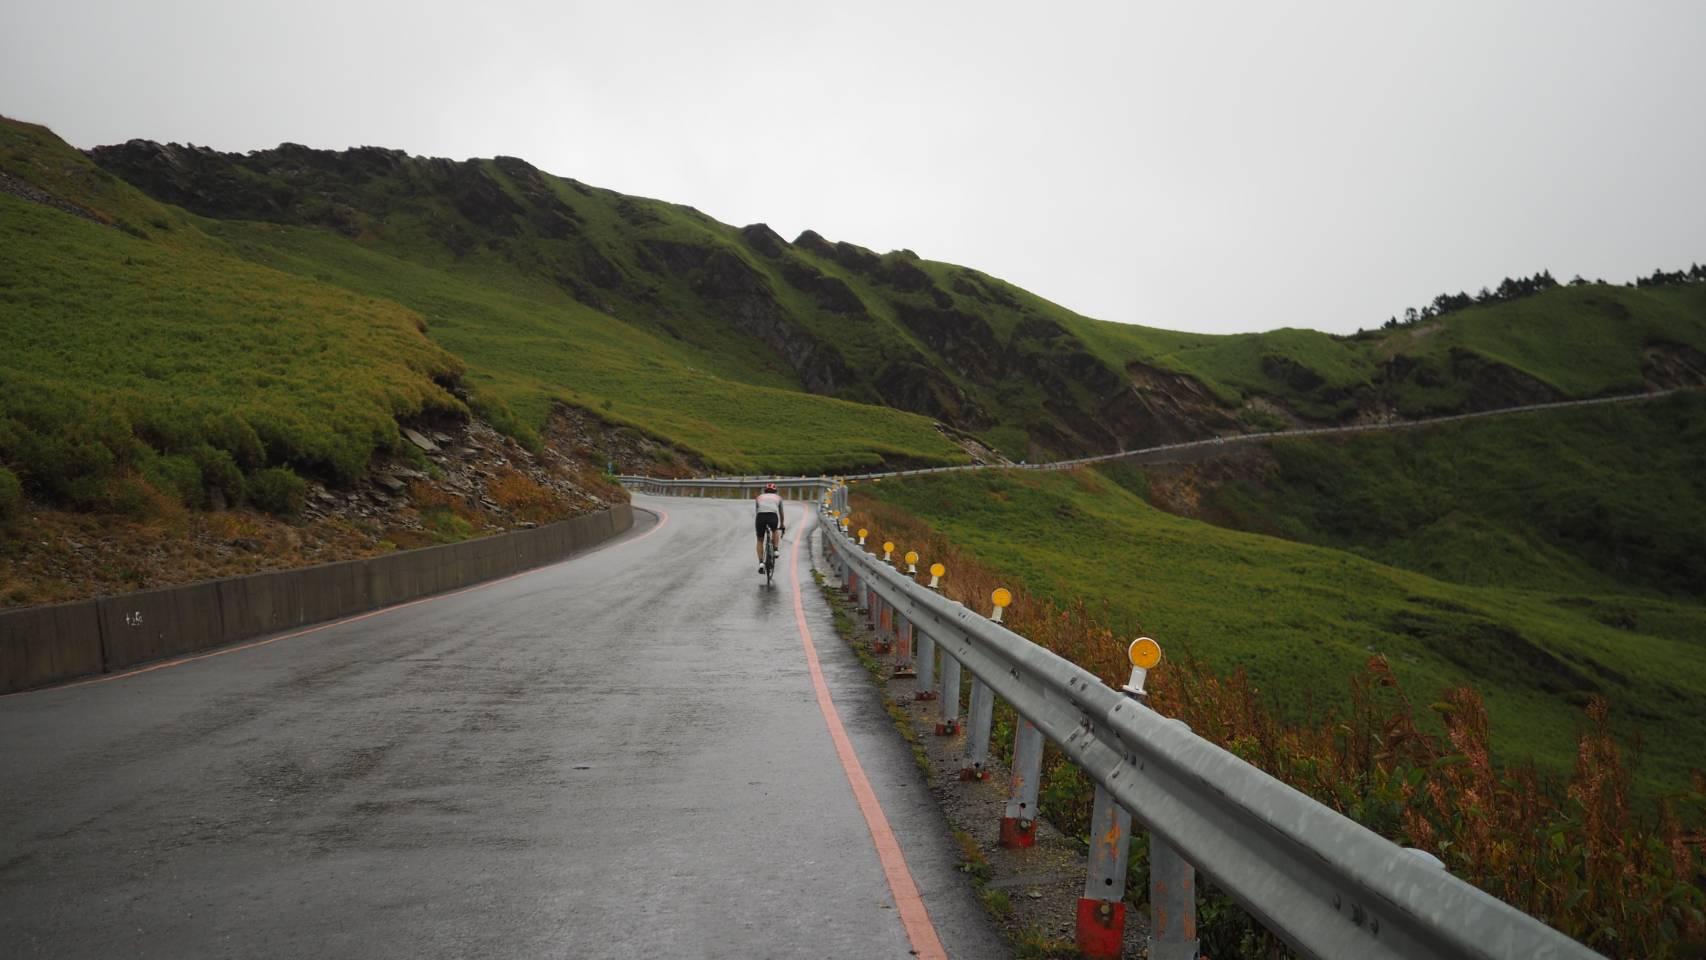 越野騎還是都市騎?全台6大精選單車路線|雙輪帶你上山下鄉去